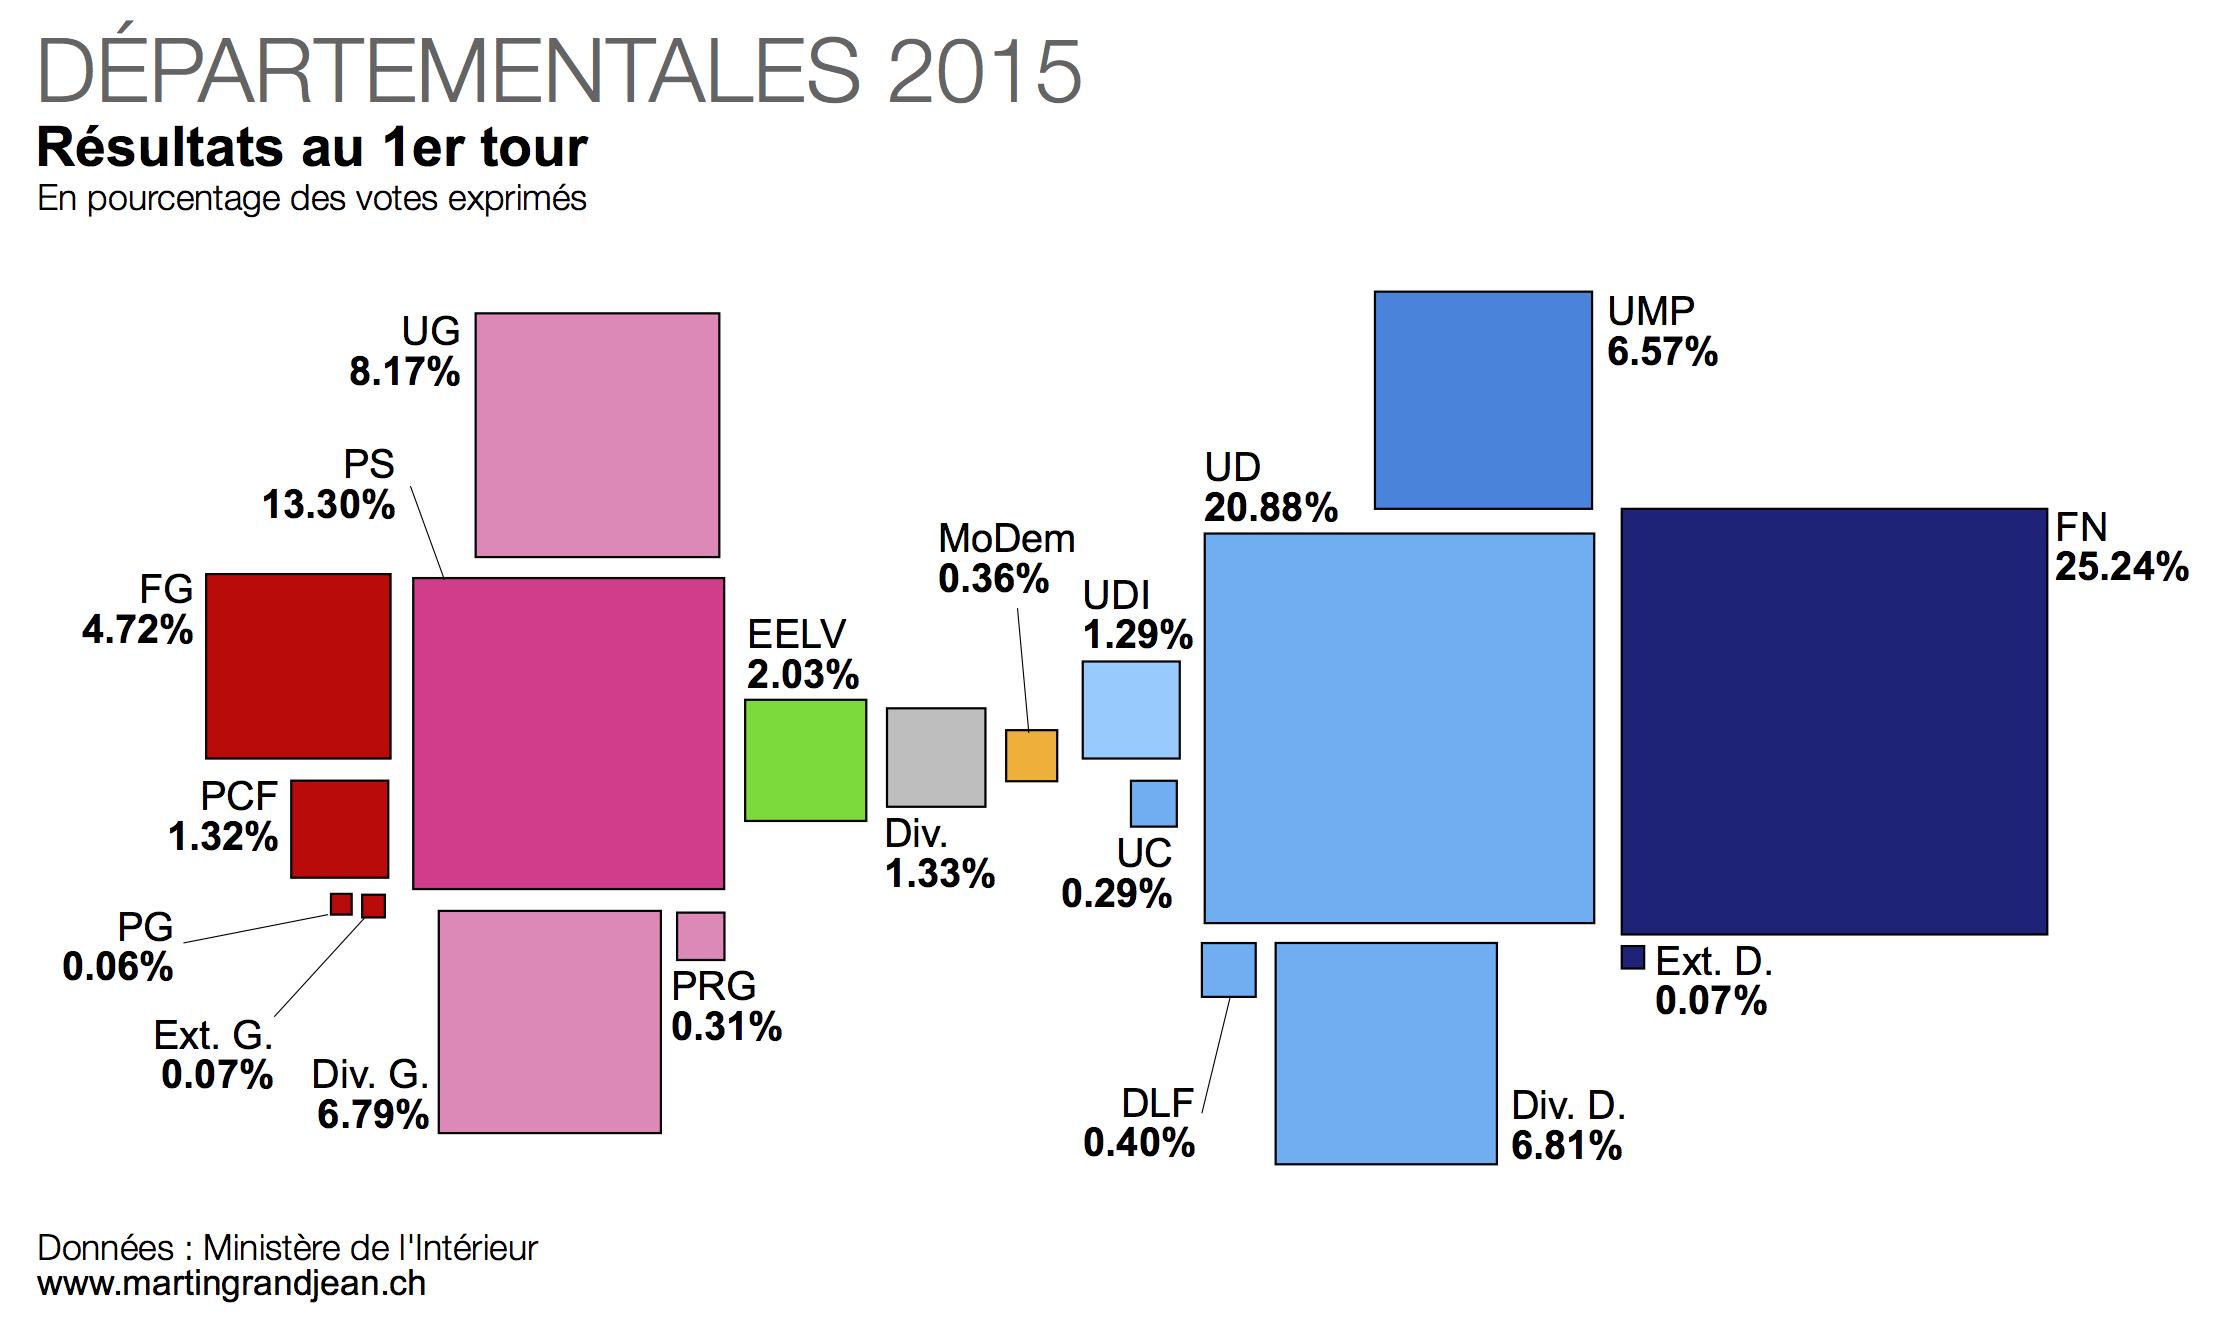 Résultats du premier tour des départementales 2015